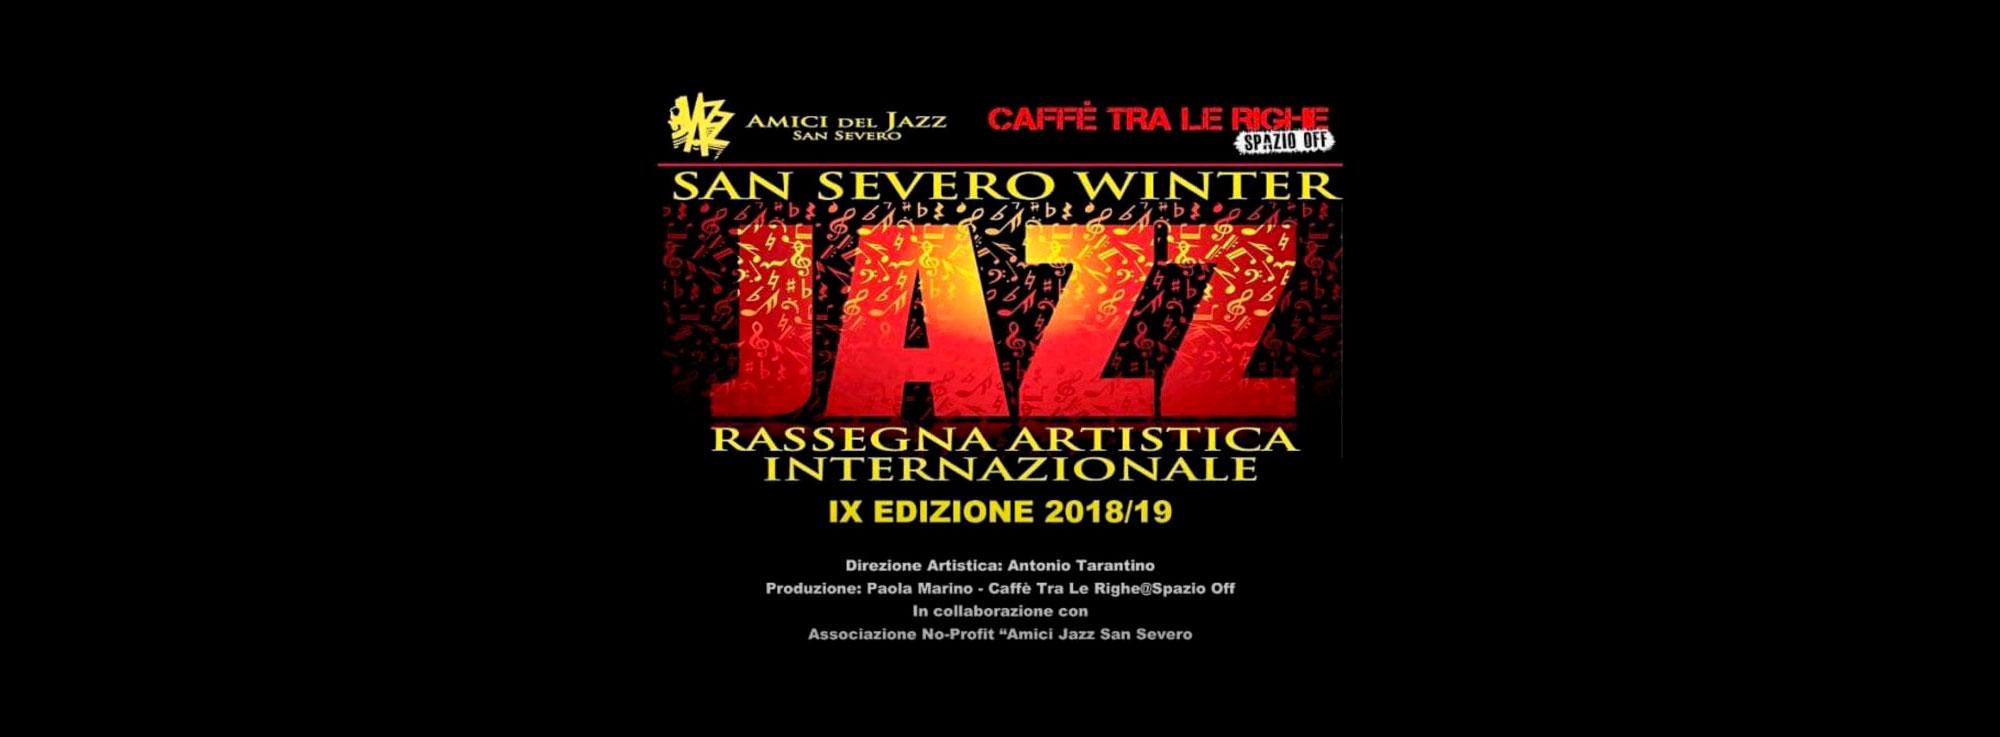 San Severo: San Severo Winter Jazz Festival